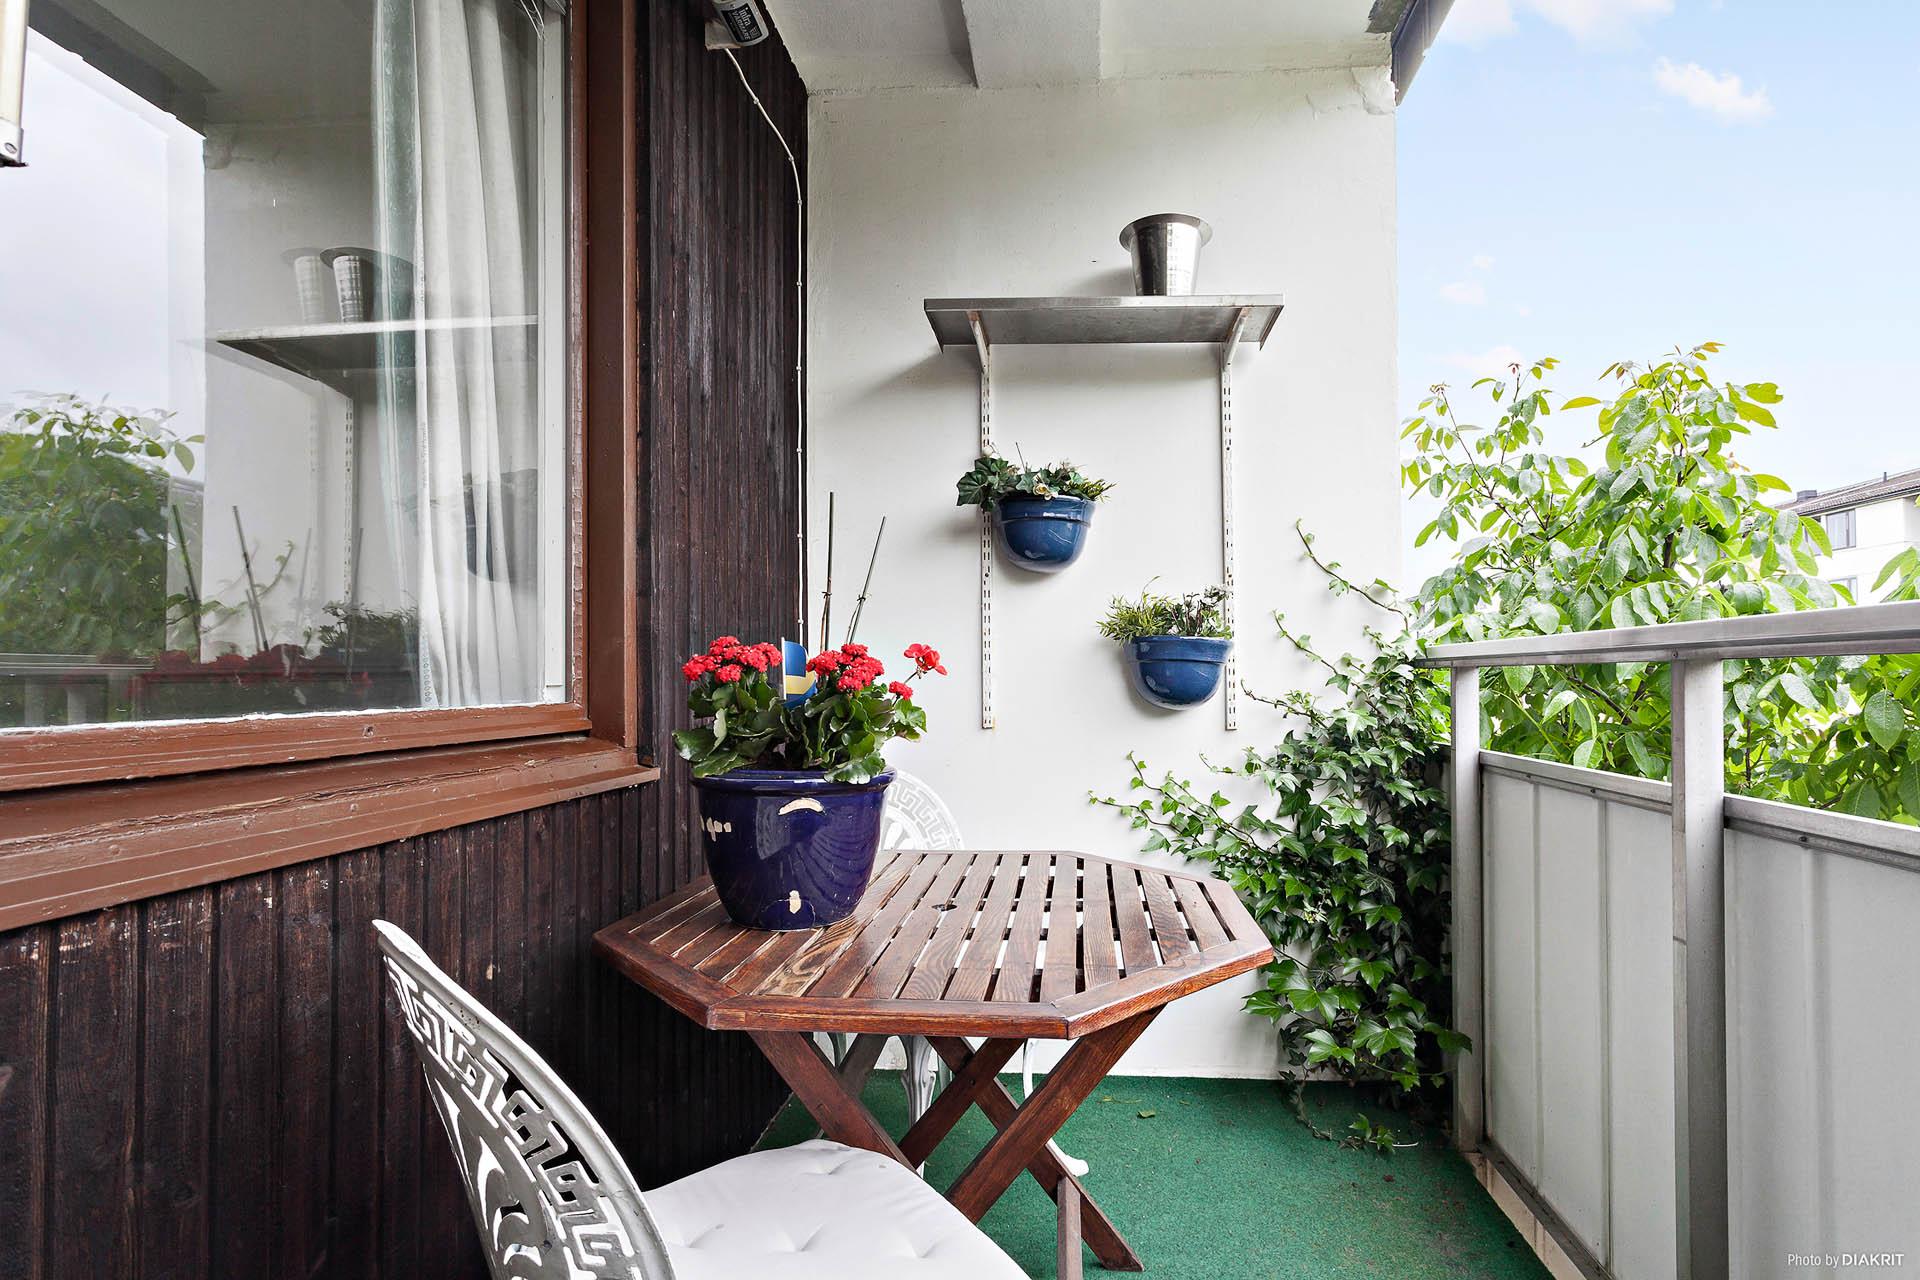 Mysig balkong omringad av mycket grönska.